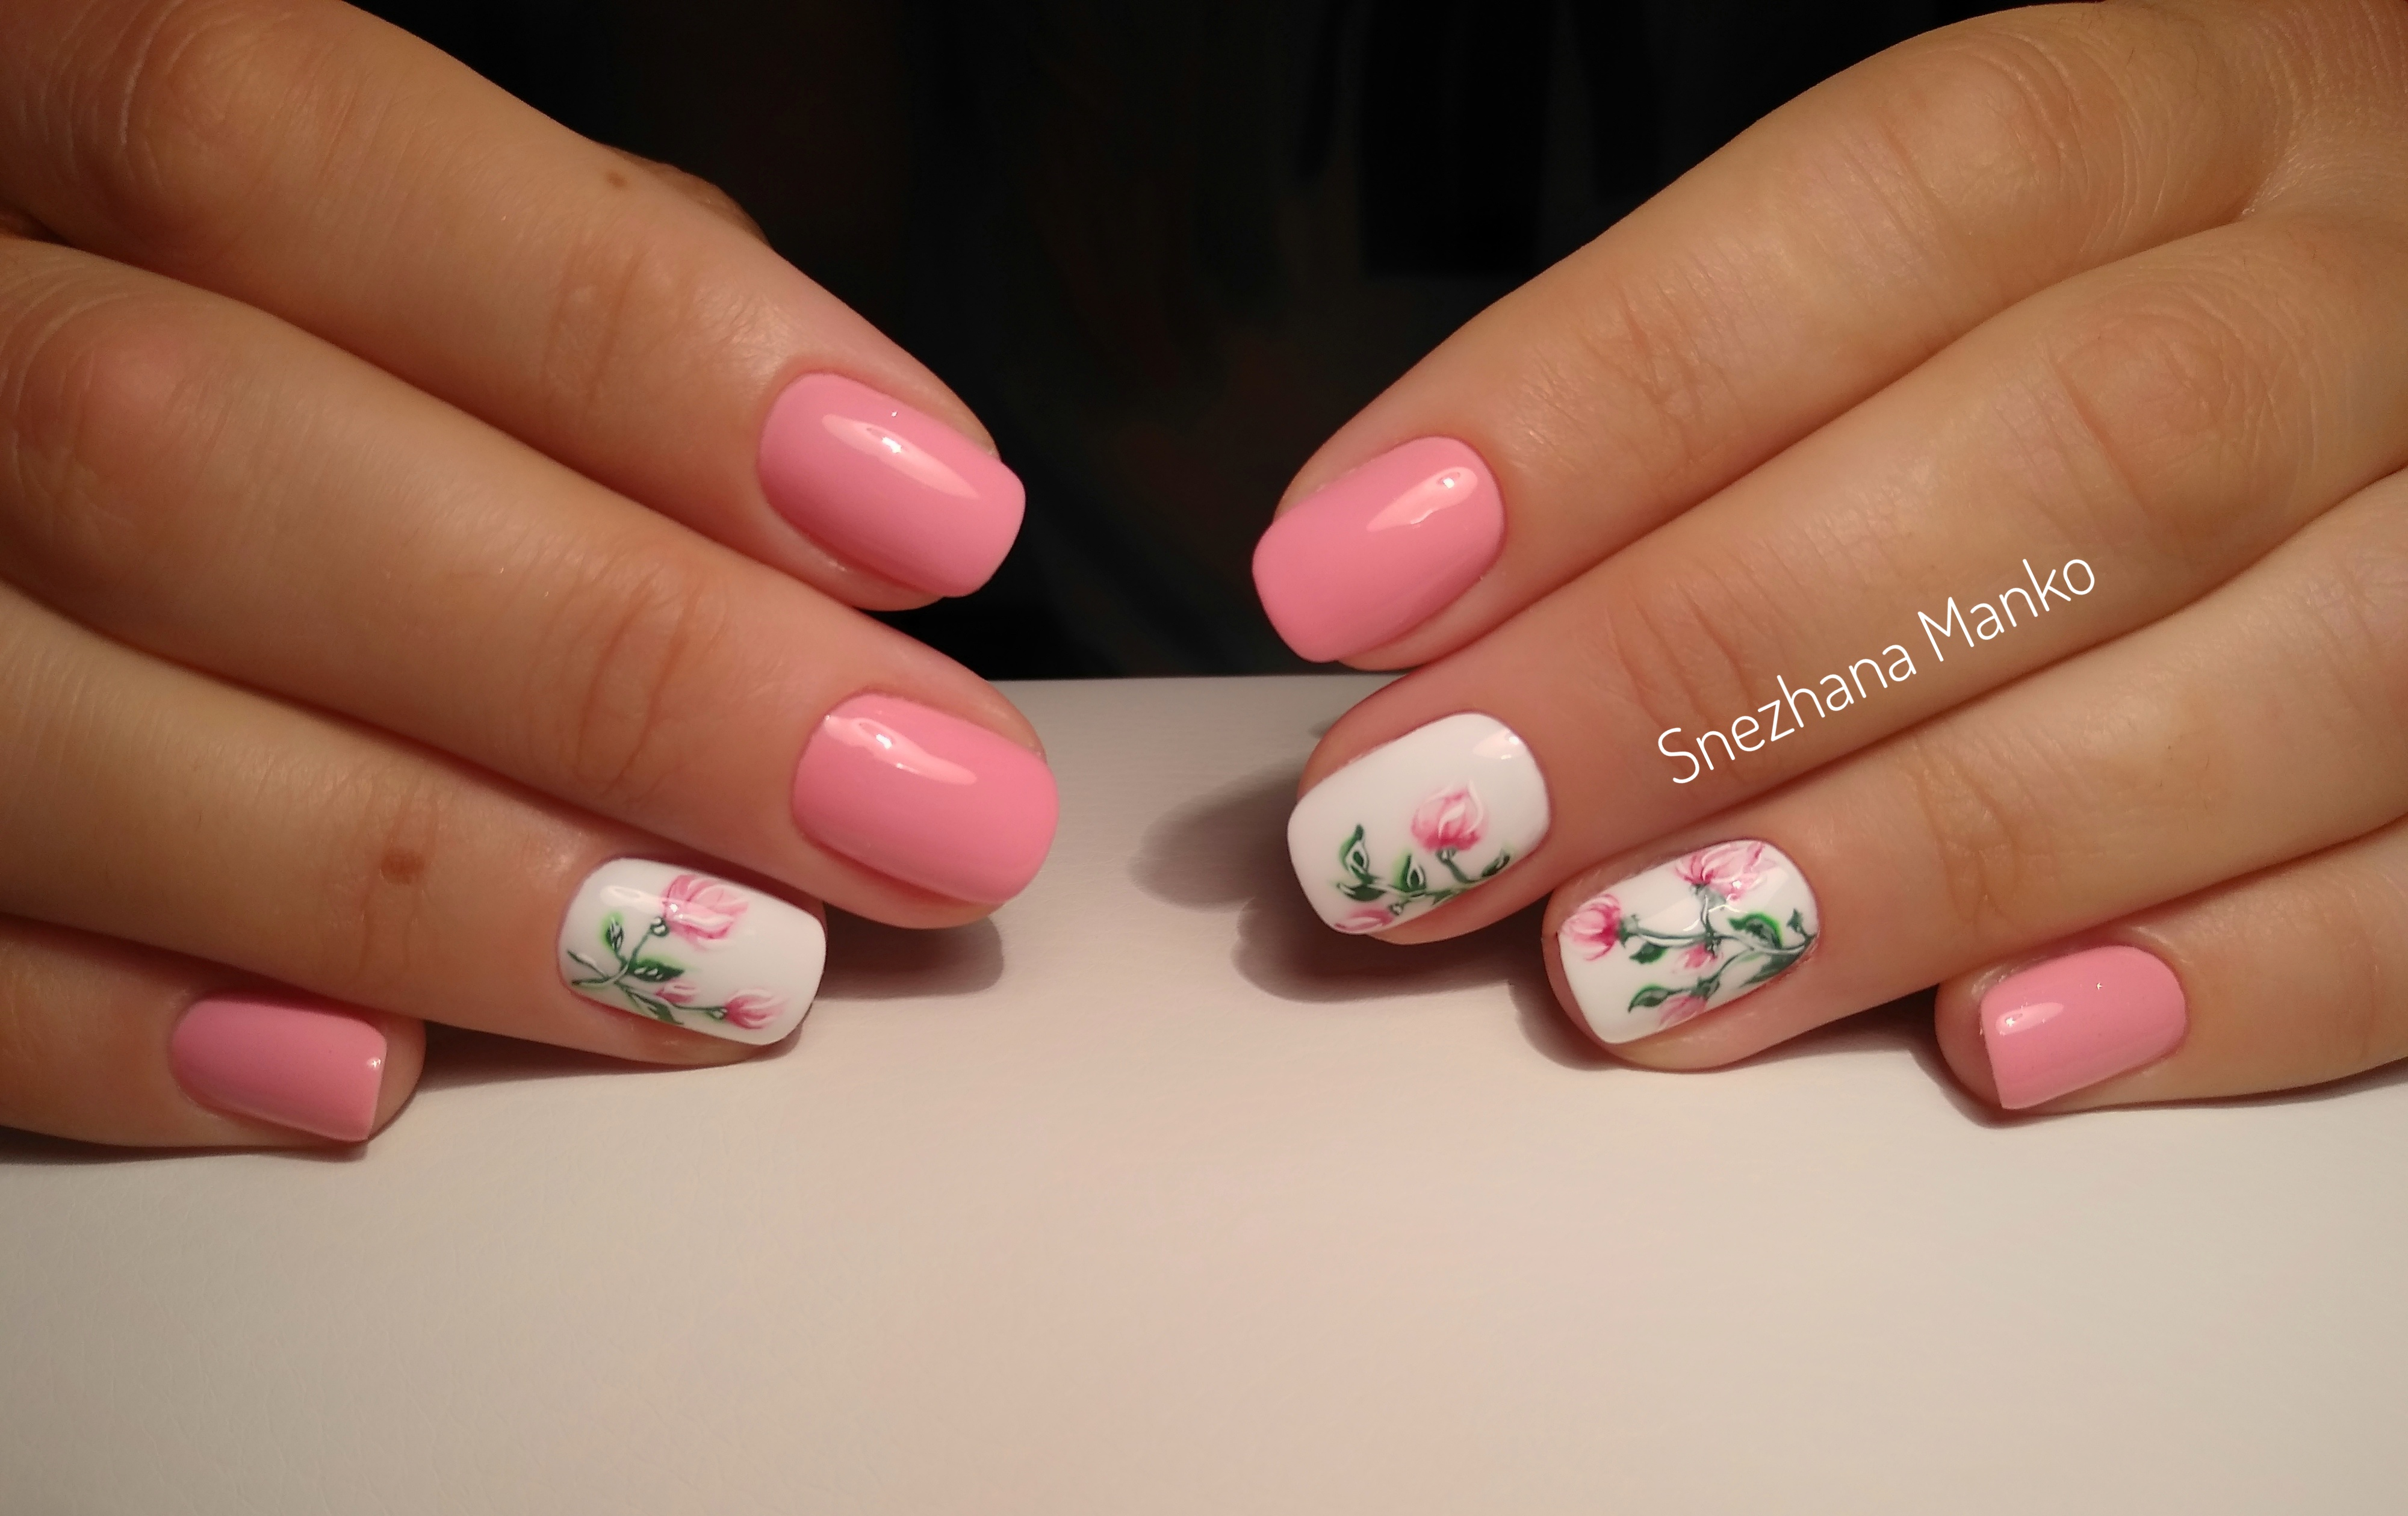 Маникюр в розовом цвете с цветочным рисунком.